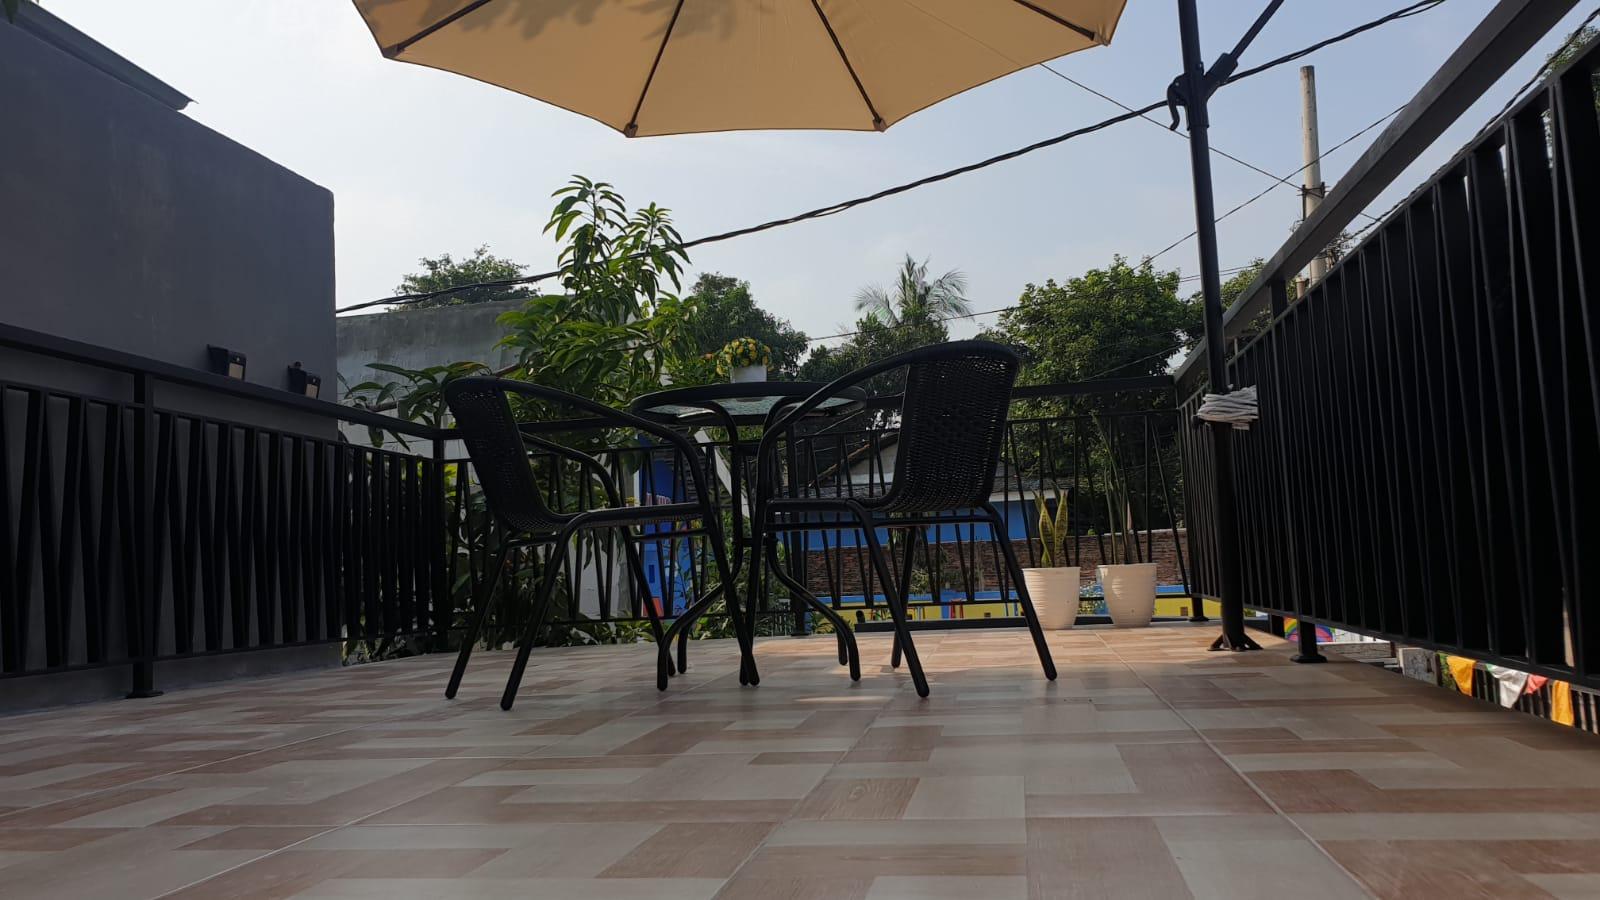 Harga Kanopi Balkon Lantai 2 Rumah Subsidi